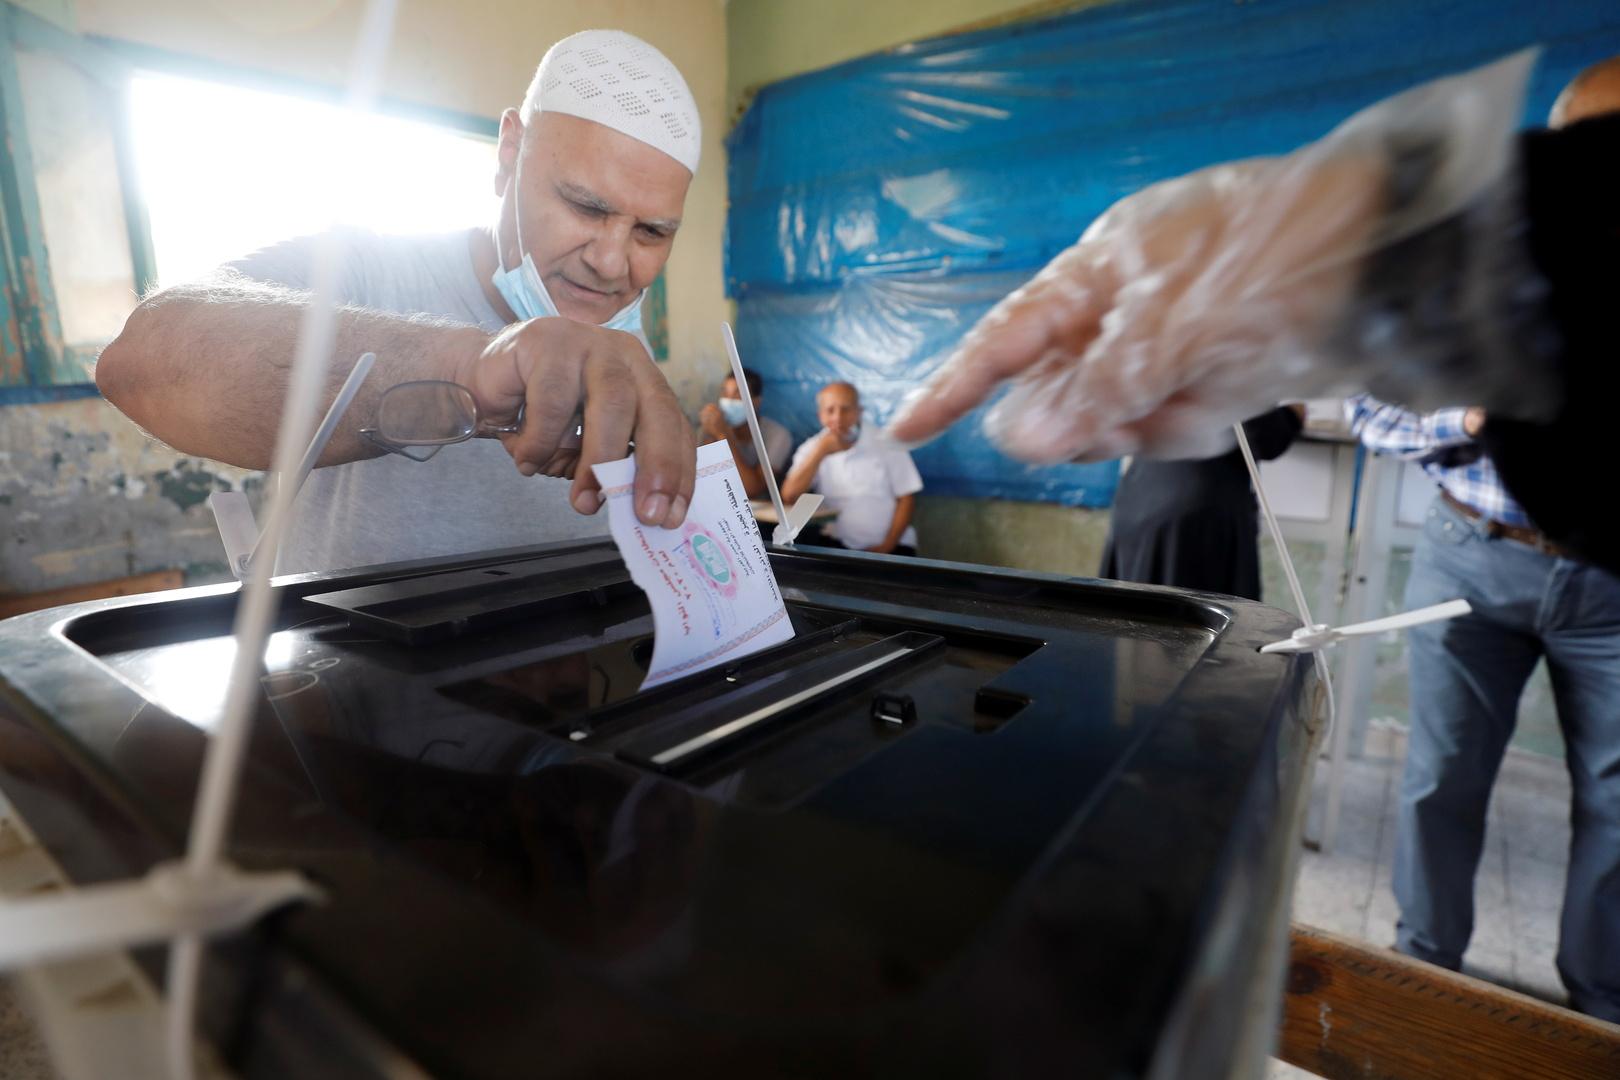 نسبة المشاركة بالجولة الأولى من الانتخابات البرلمانية المصرية لم تتجاوز 29%